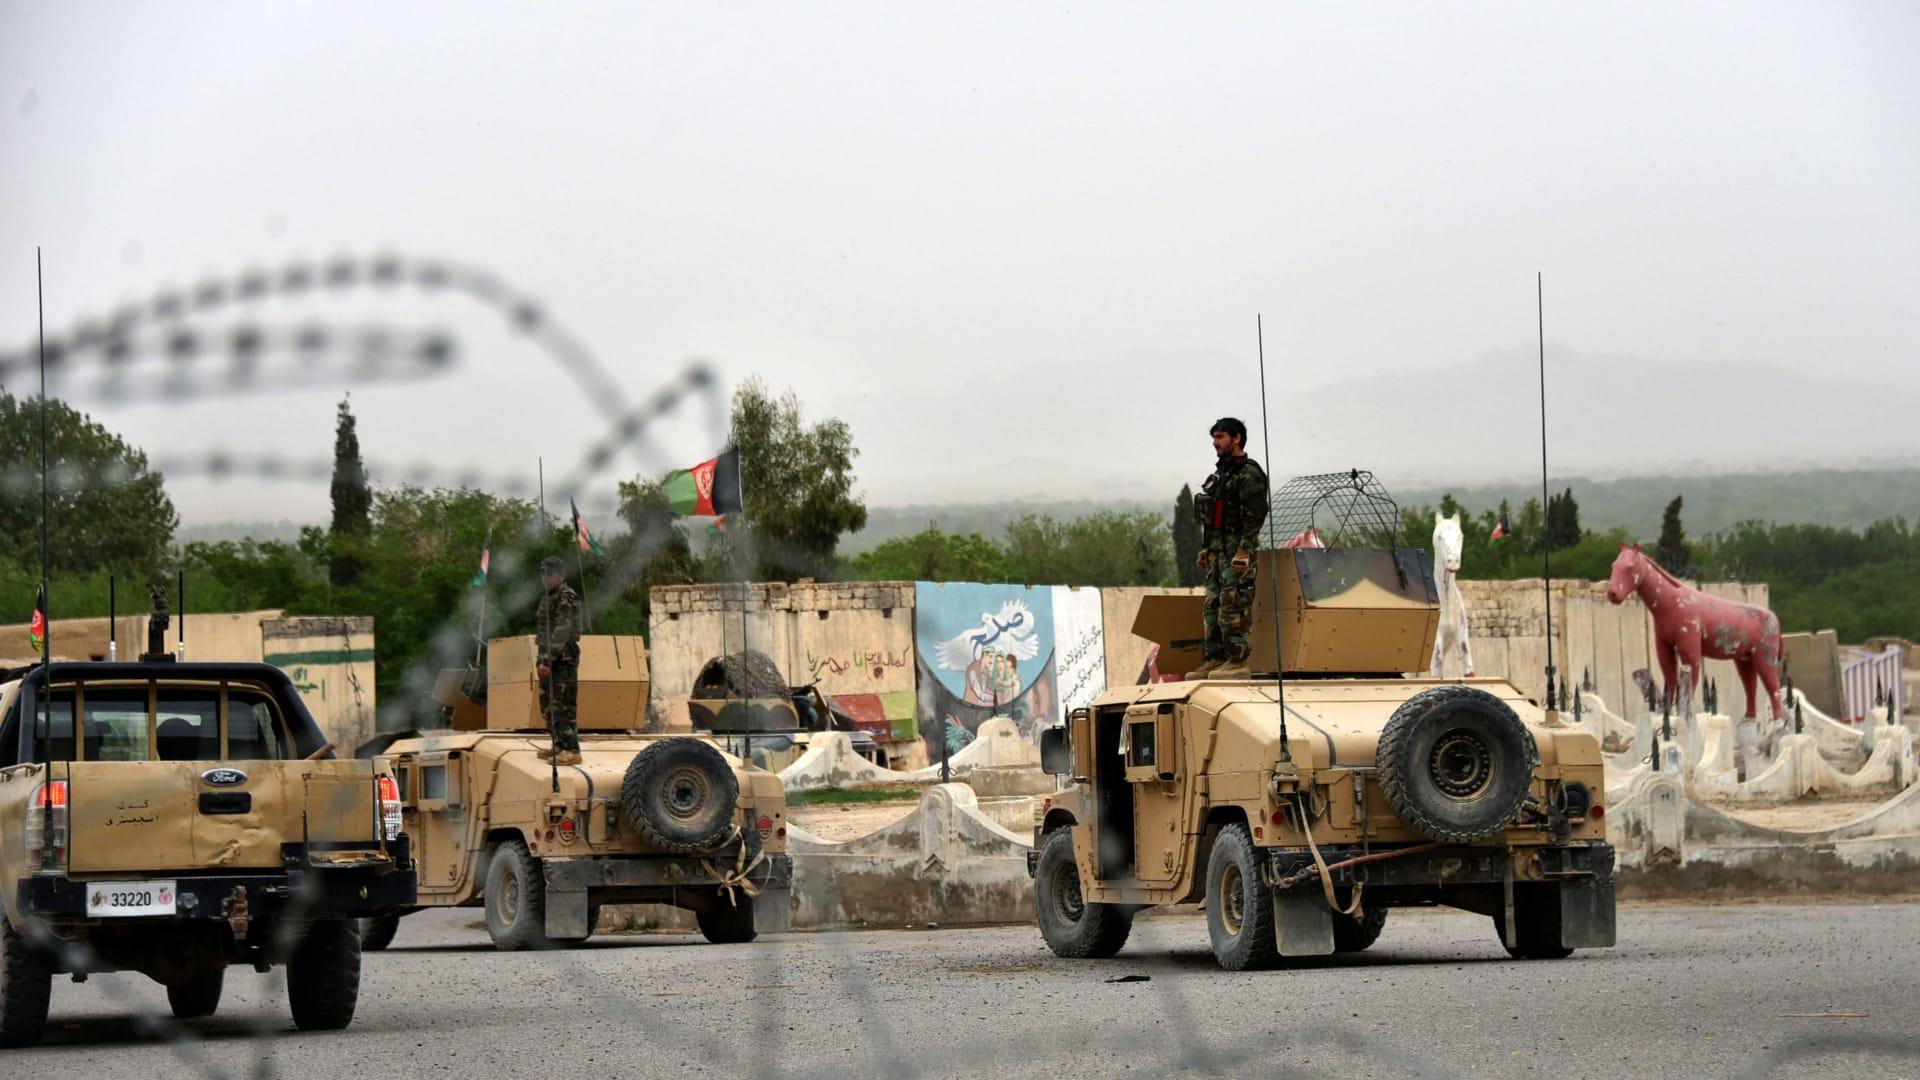 5 رؤساء أمريكيين و5 استراتيجيات.. نظرة على تاريخ الحرب في أفغانستان عب